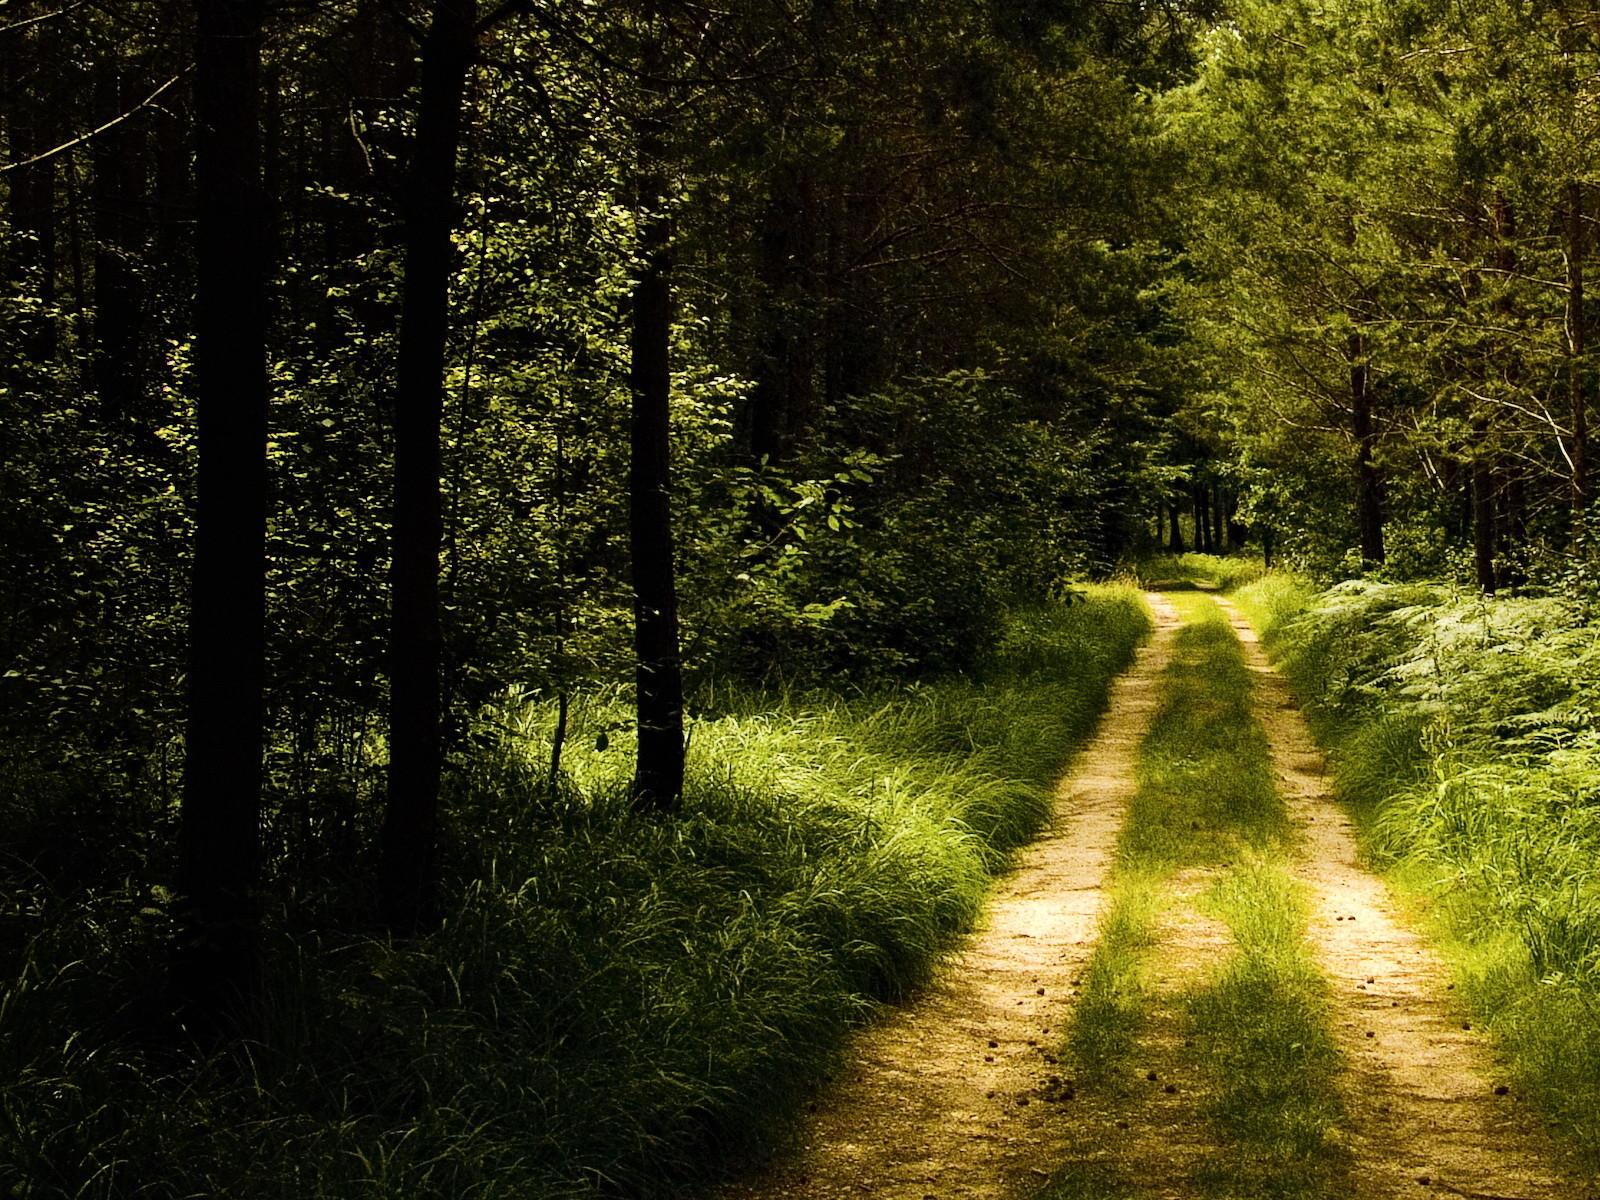 дорога в лесу, скачать, тени, солнечный свет